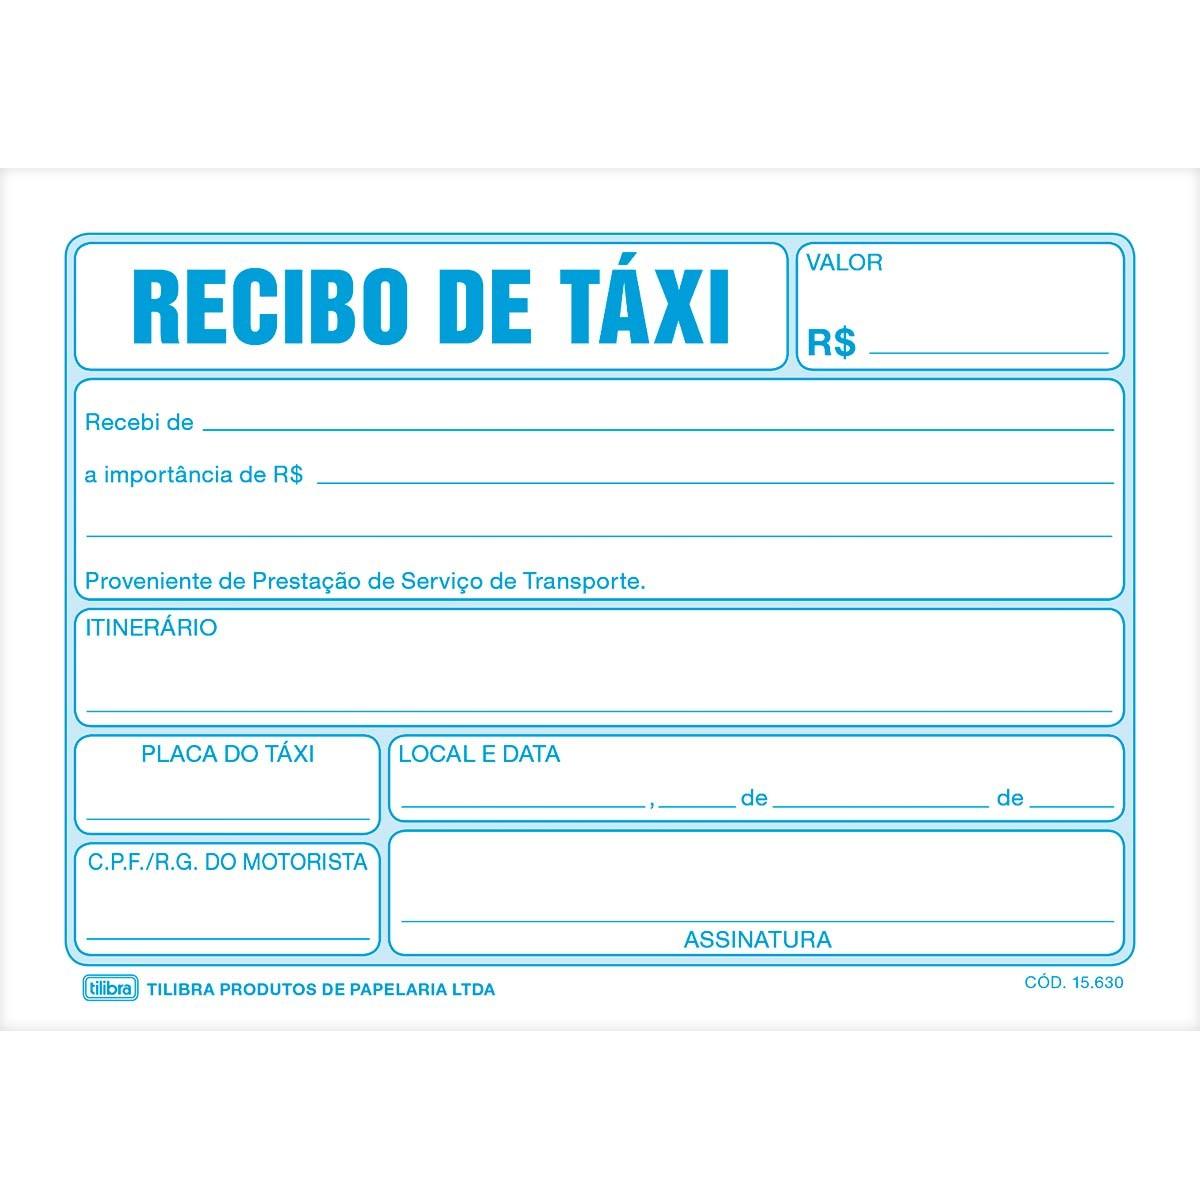 Pin recibo de taxi and post mycelular ajilbabcom portal on for Modelo de recibo de nomina